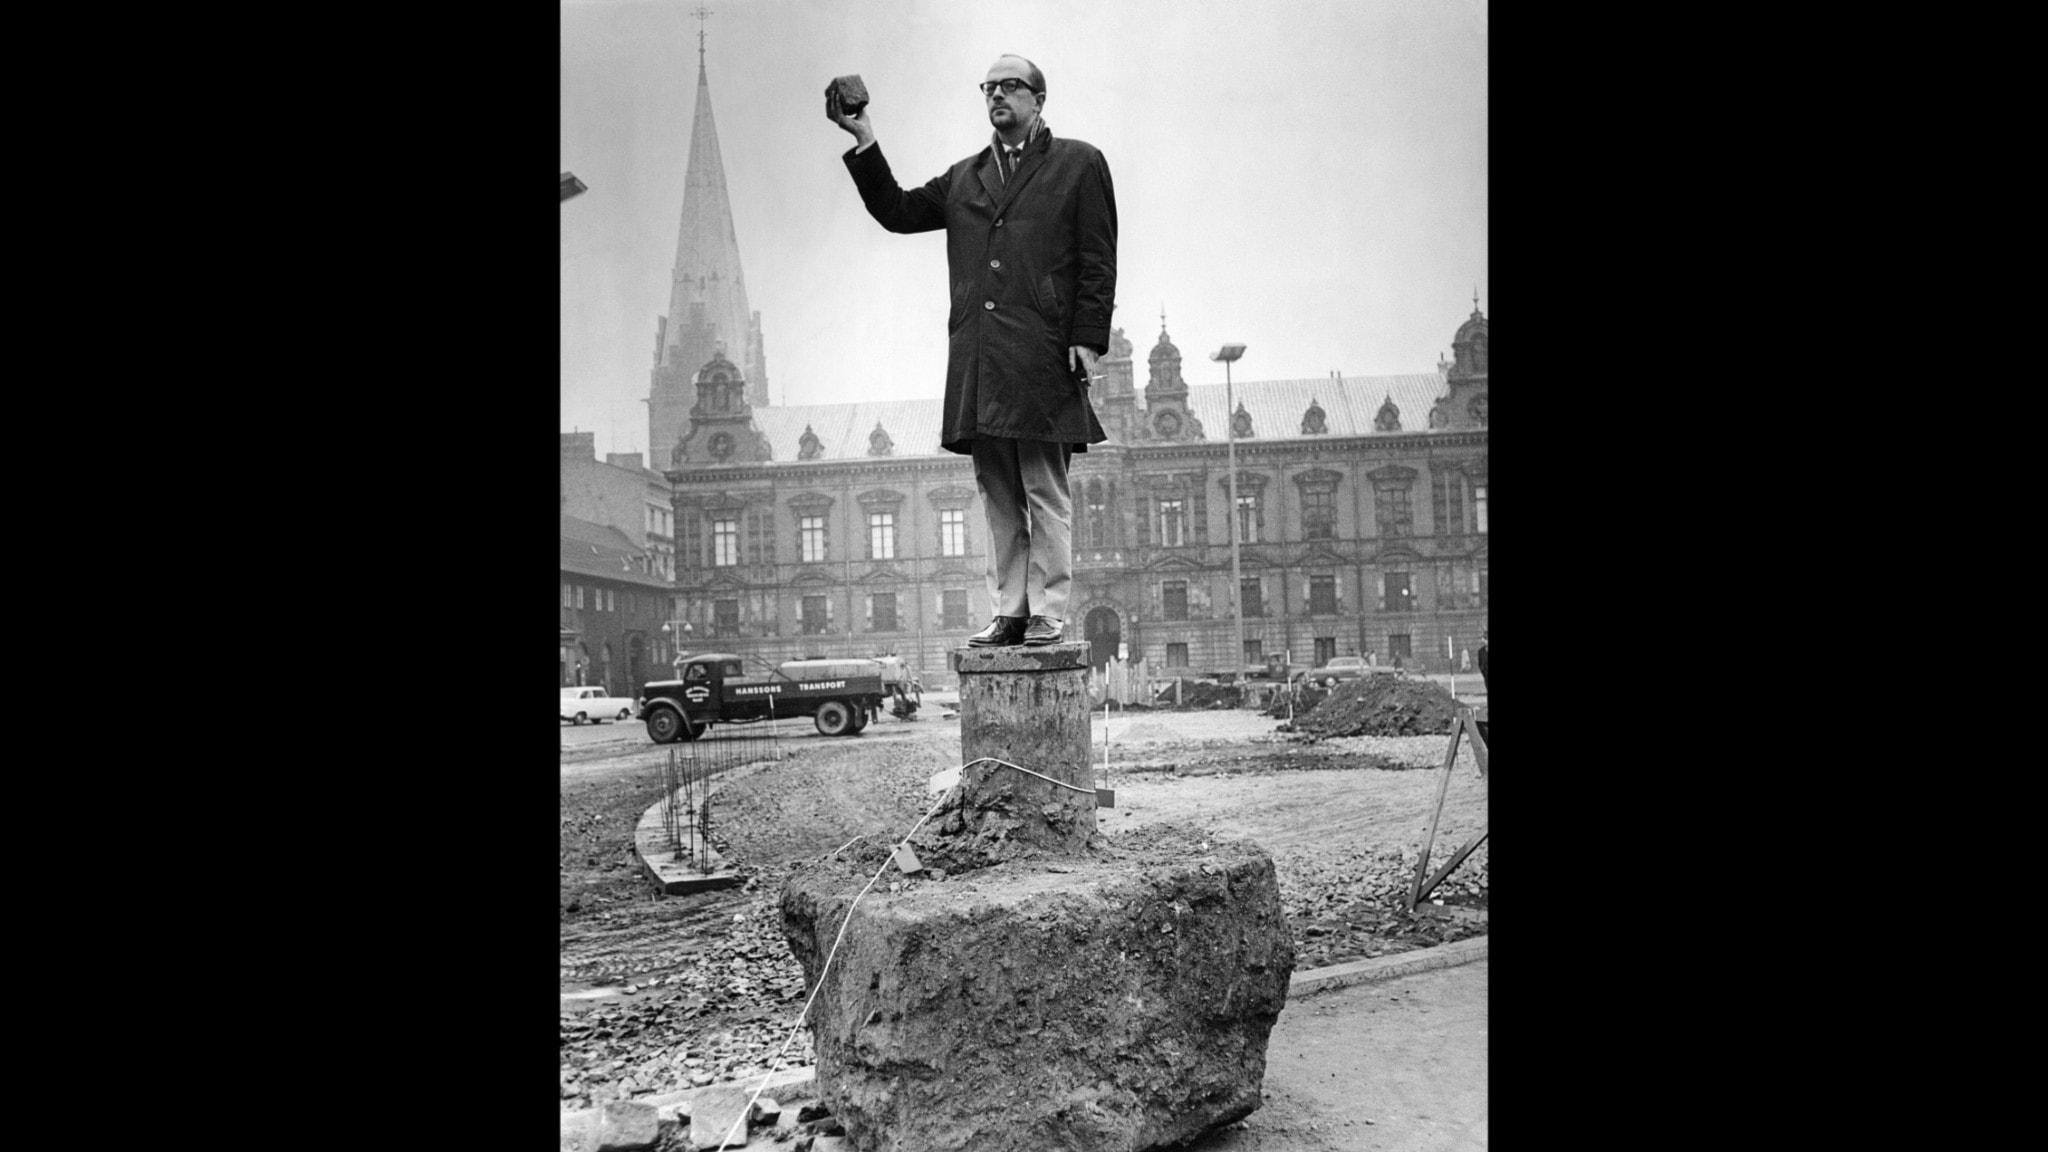 Lasse O'Månsson står i stadsbilden på en statysockel.